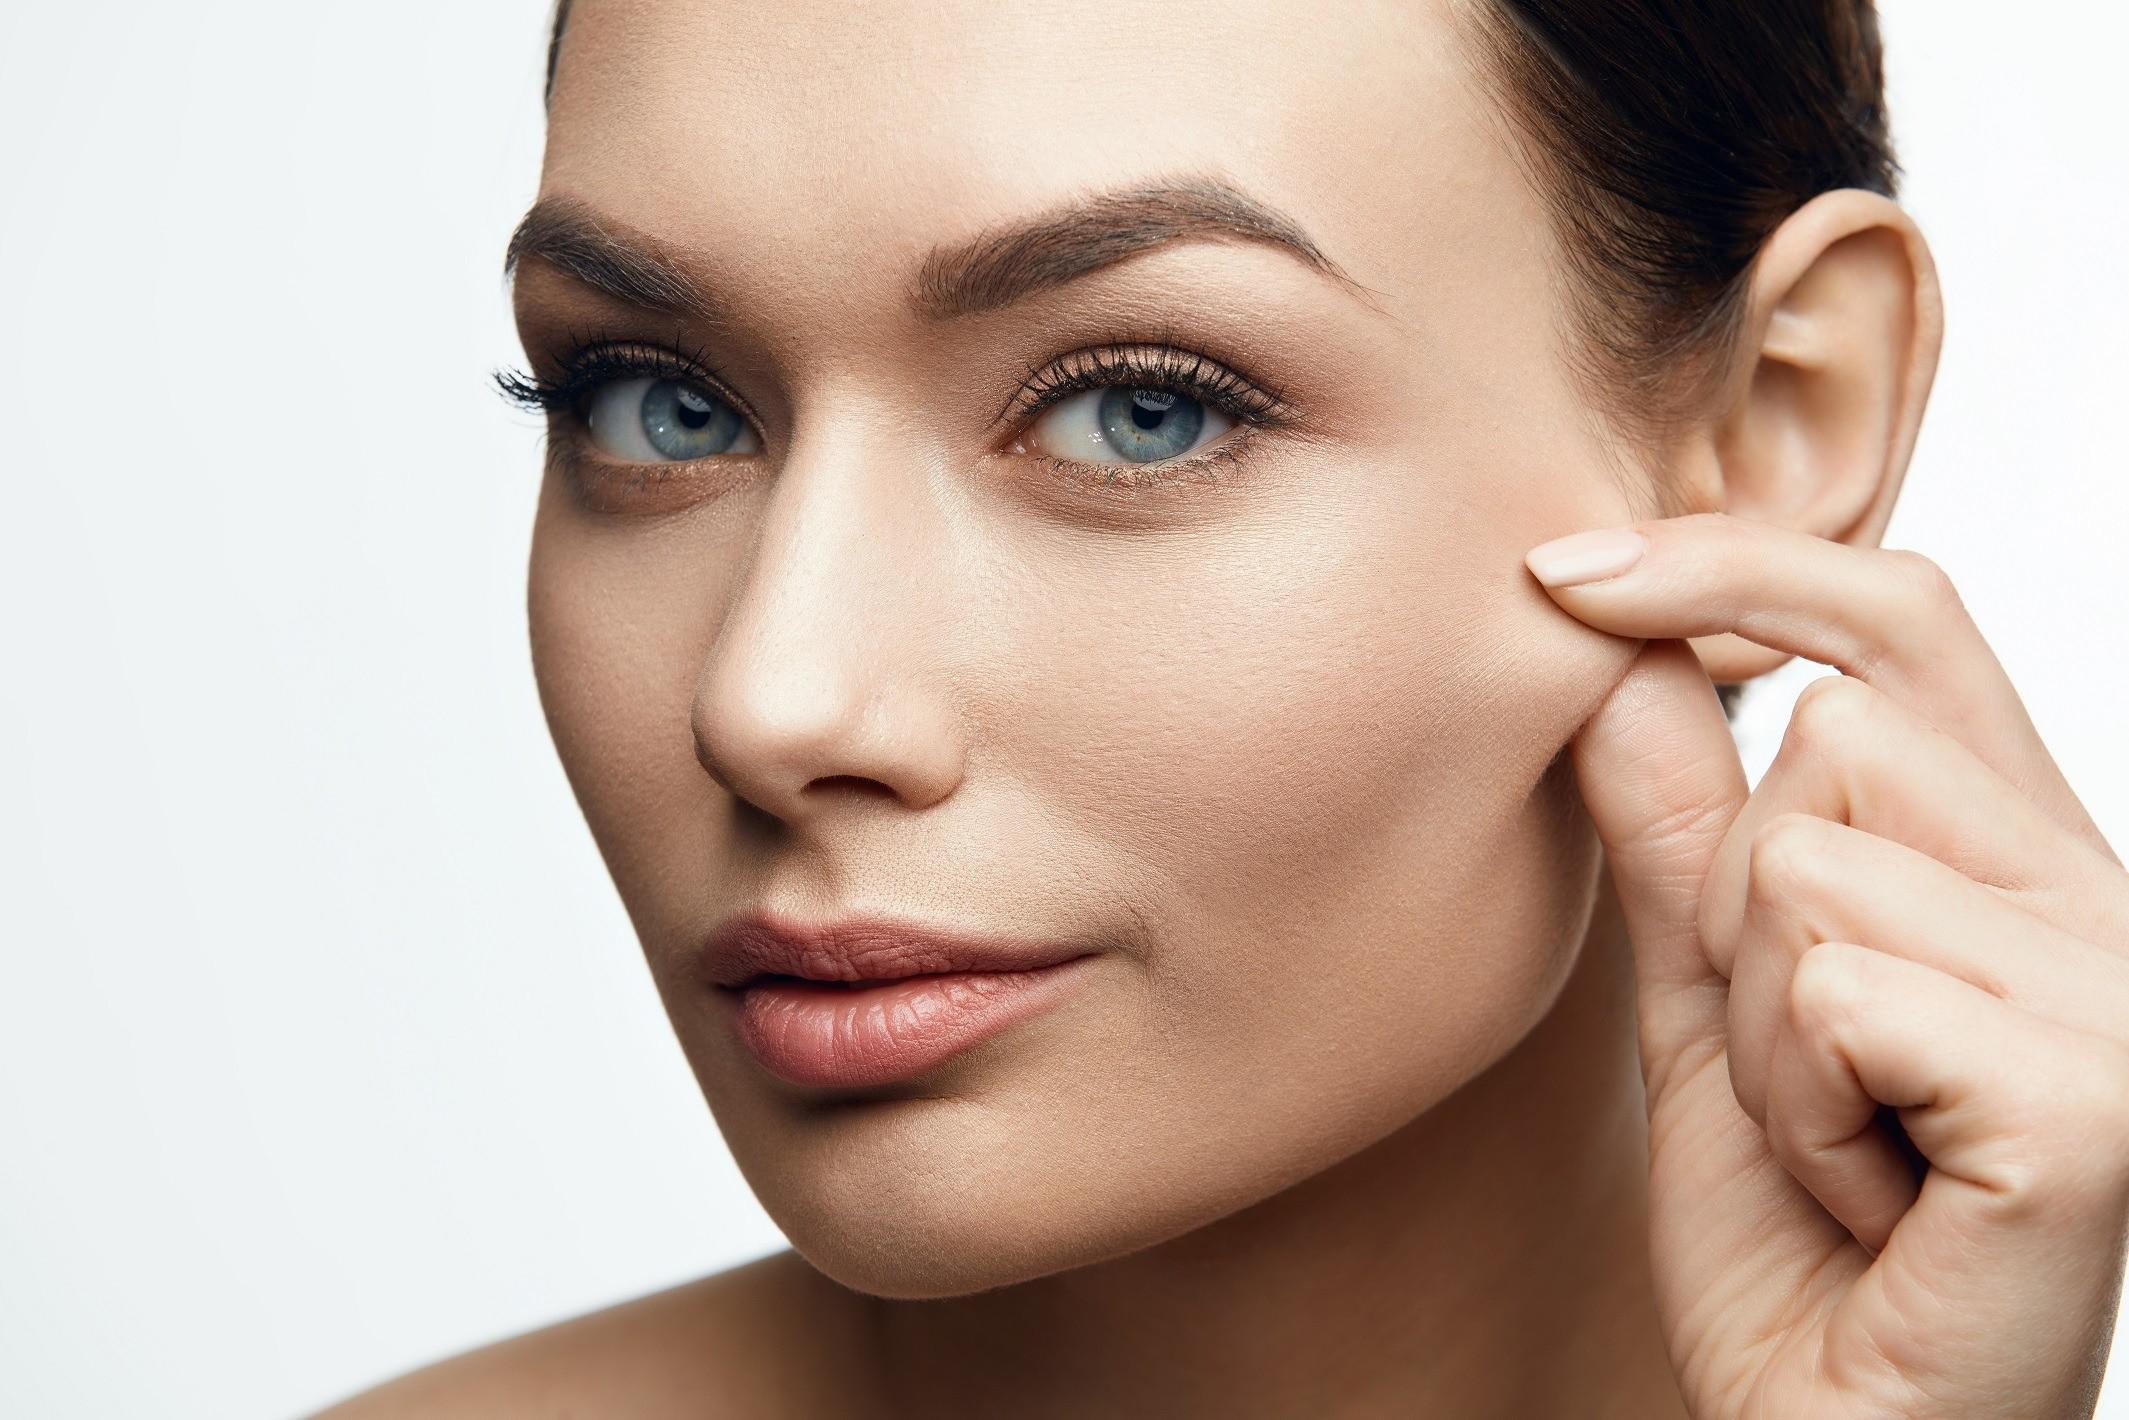 Как похудеть в лице и в щеках: план, который работает